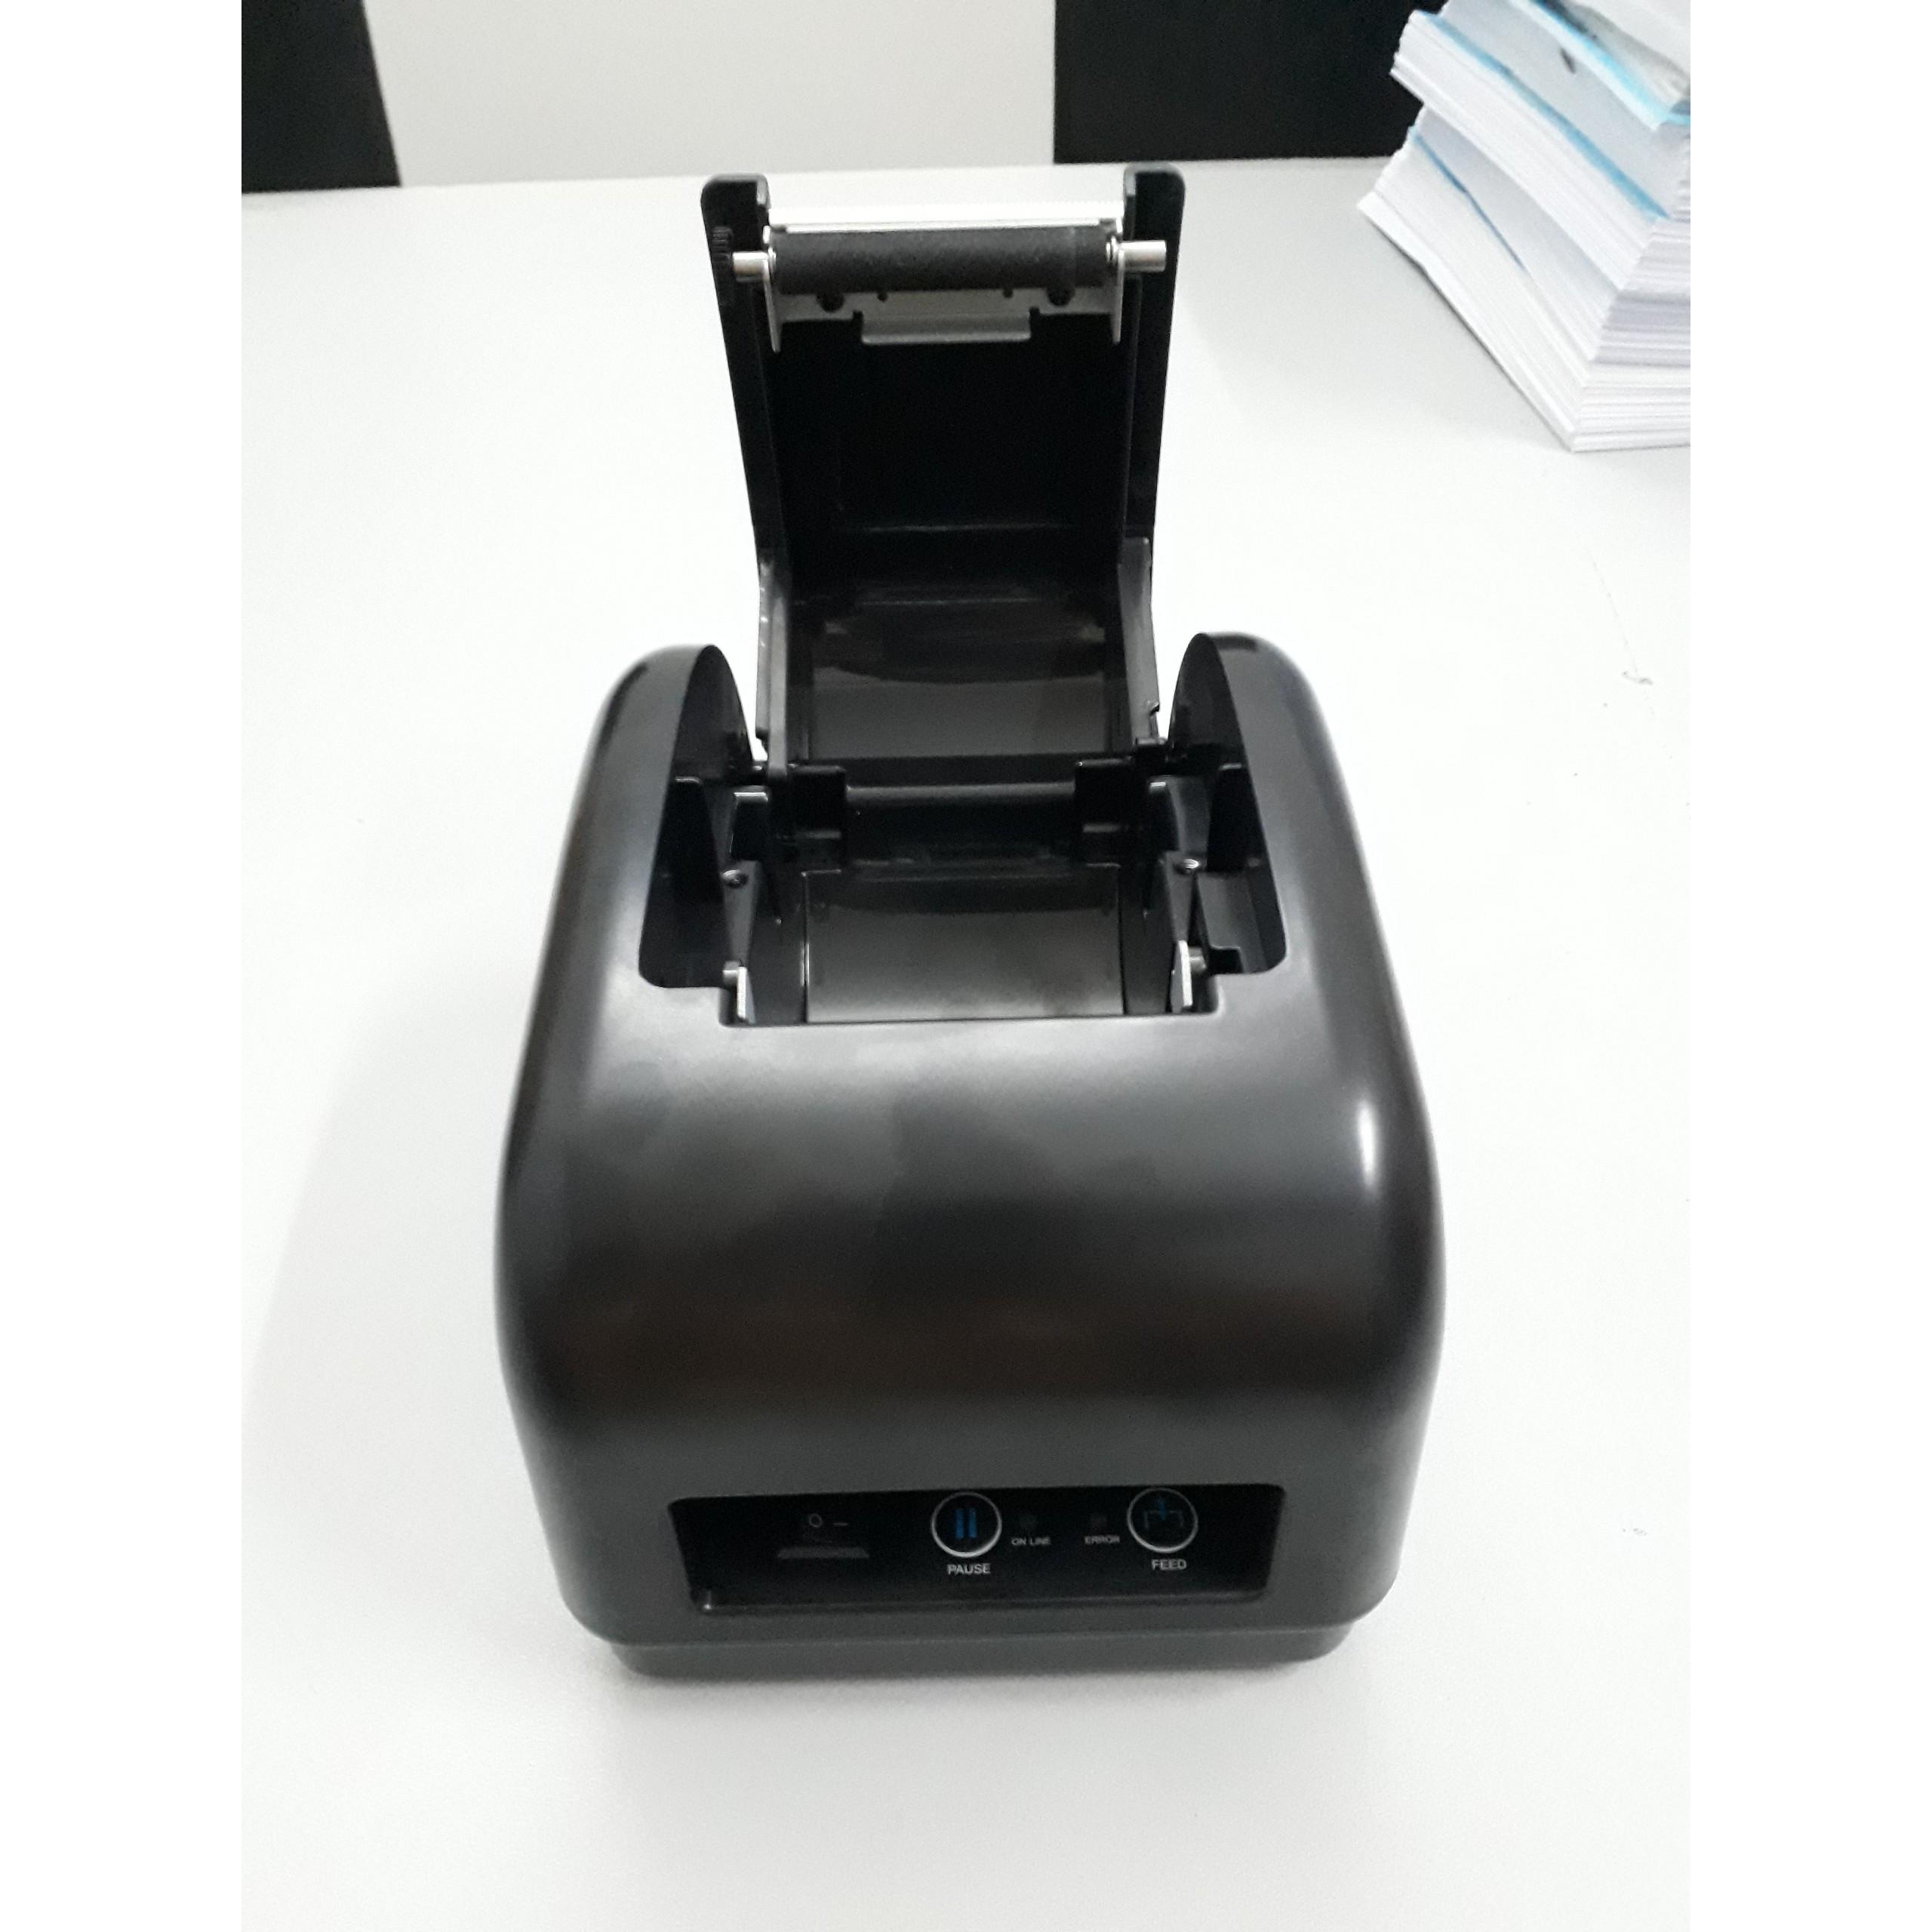 Máy in tem, máy in mã vạch Xprinter XP-285B Cổng kết nối USB + Bluetooth - Hàng chính hãng